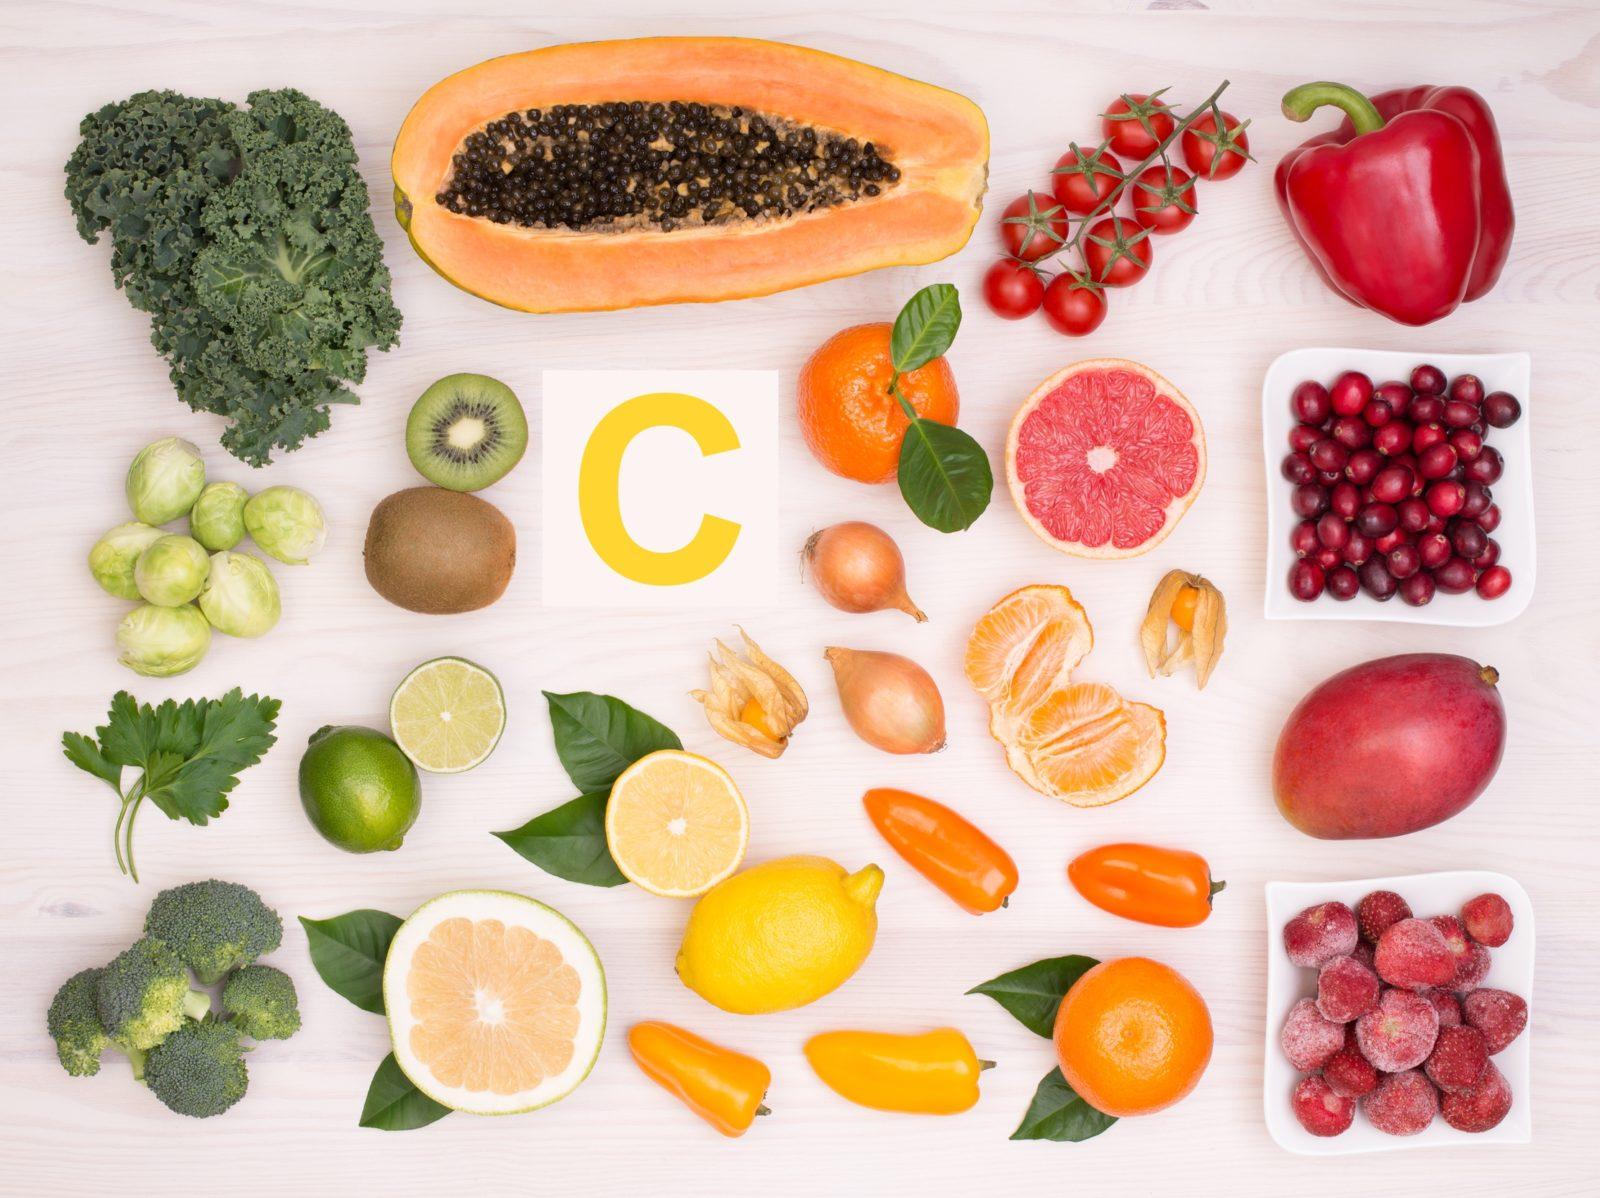 ВИТАМИНЫ- польза для здоровья и источники витаминов - ЗДОРОВЫЙ ОБРАЗ ЖИЗНИ - ЭТО ЛЕГКО!